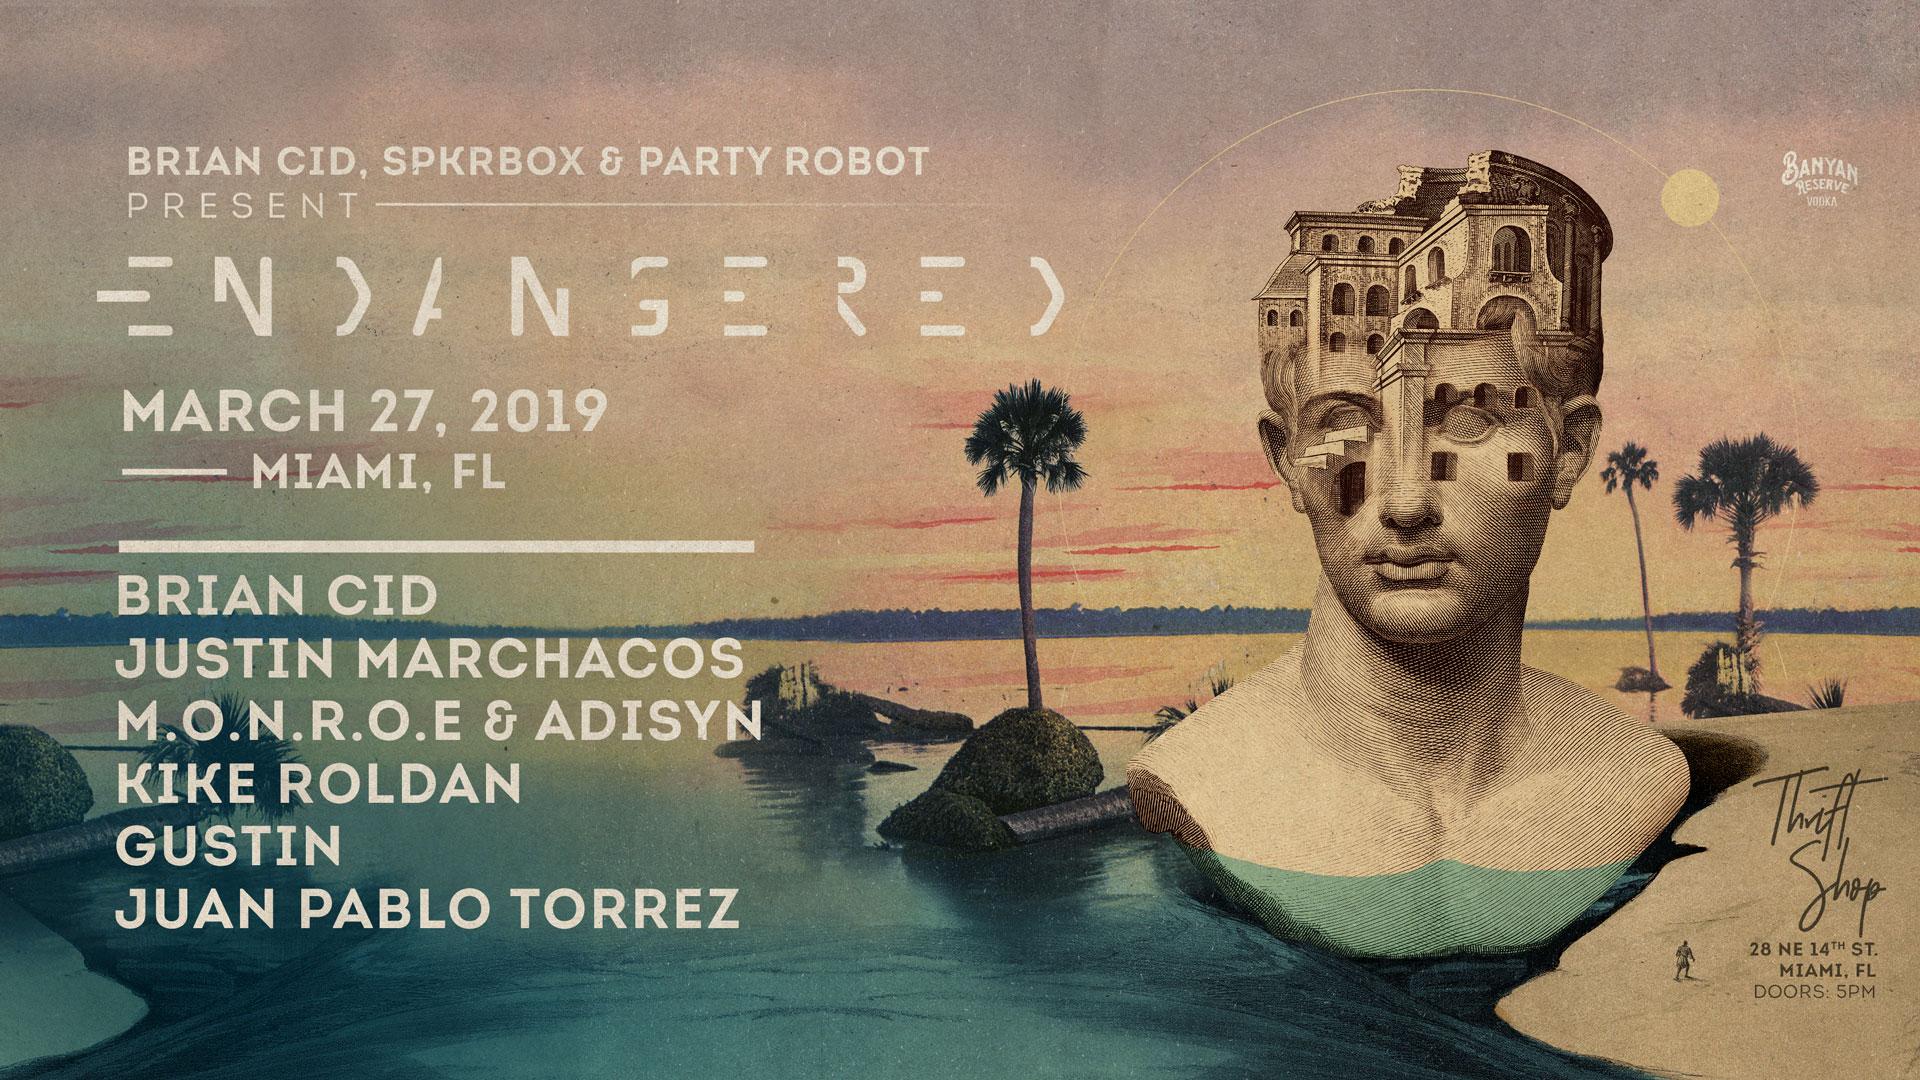 Endangered-Miami-Facebook-cover.jpg